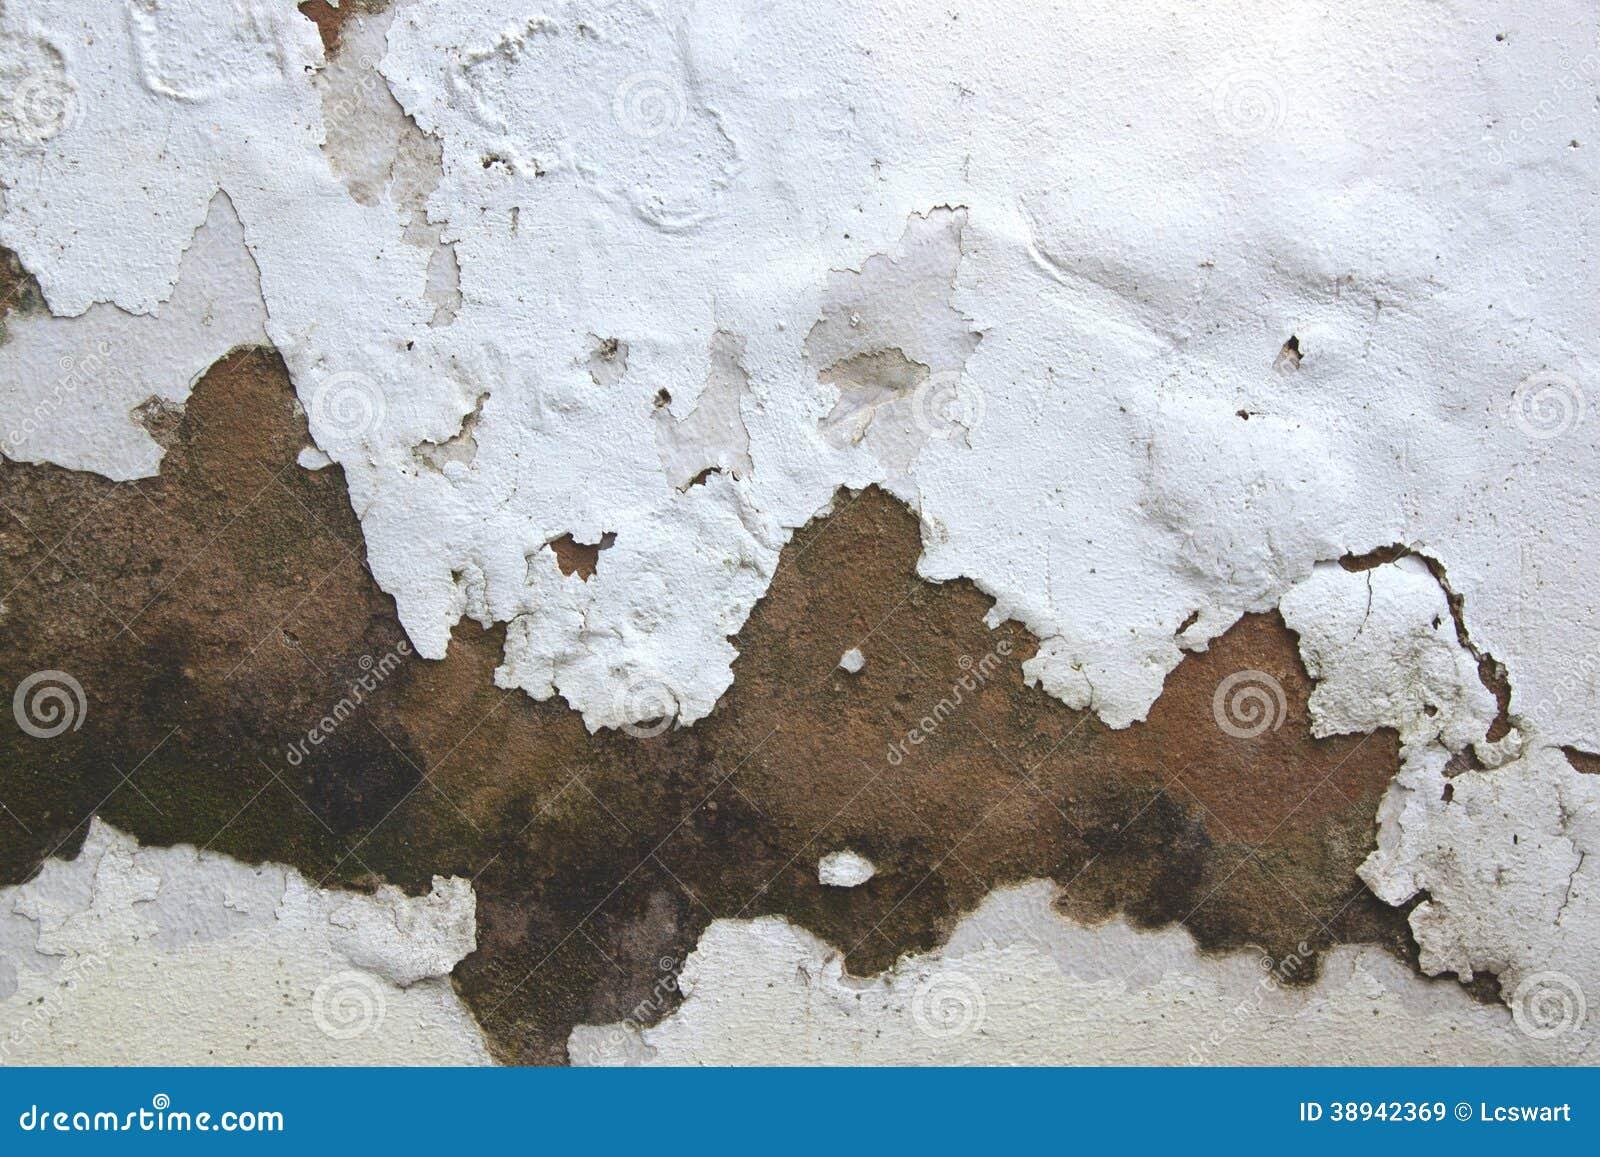 Humidit en hausse et pluchage de la peinture sur le mur - Peinture design sur mur ...